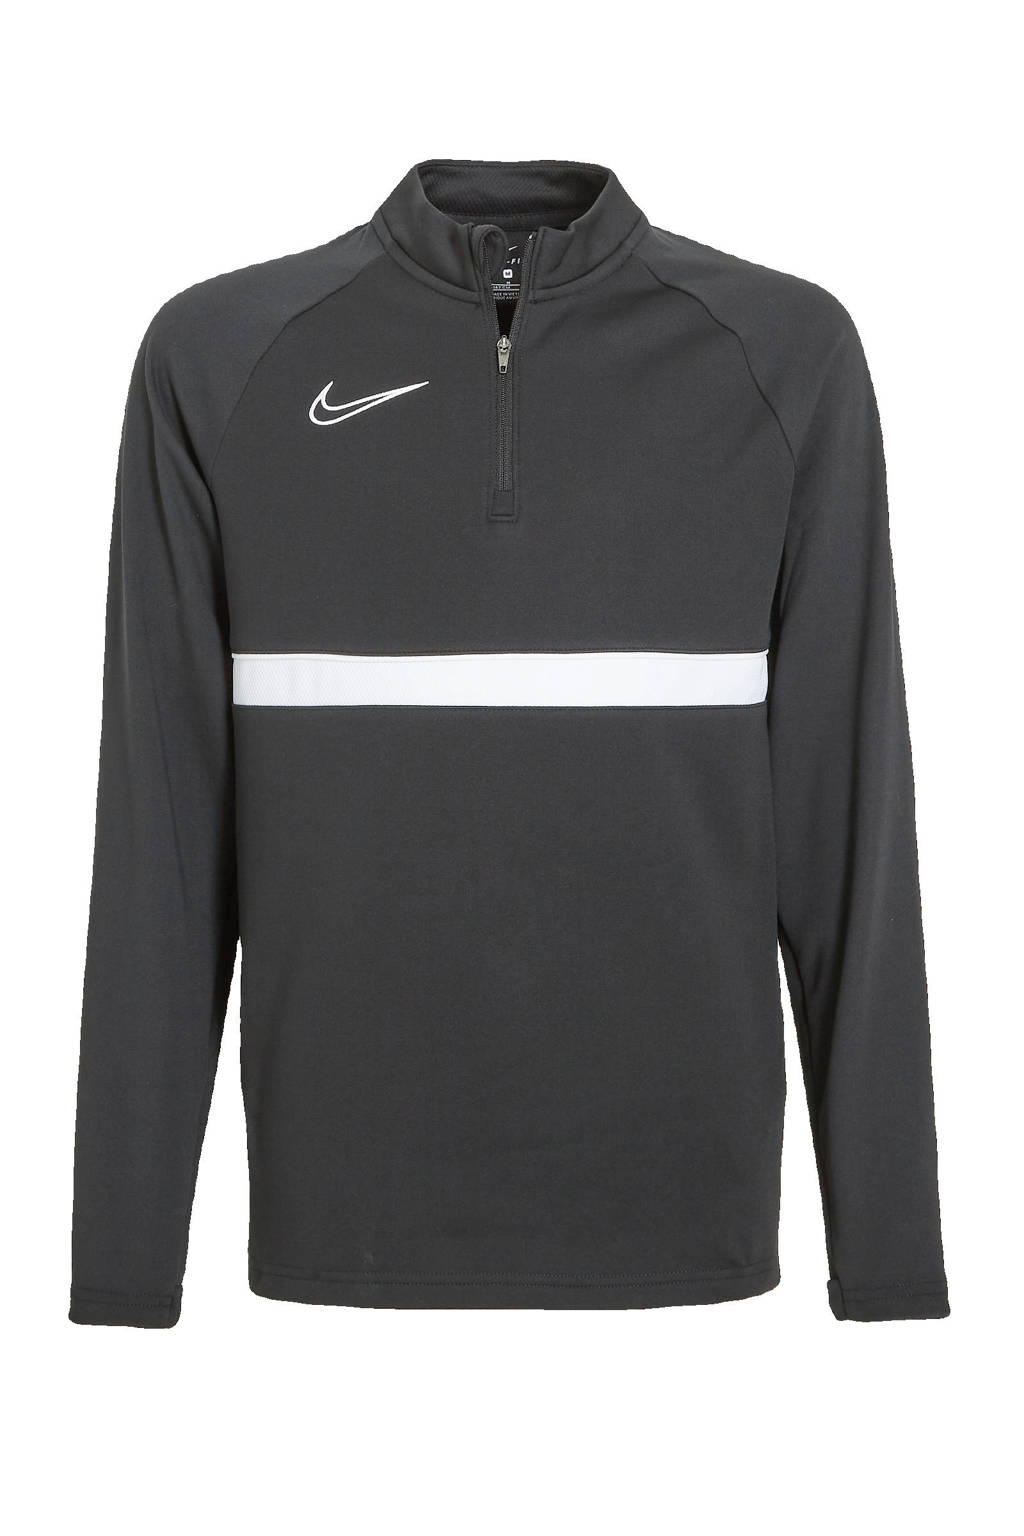 Nike Junior  voetbalshirt zwart/wit, Zwart/wit